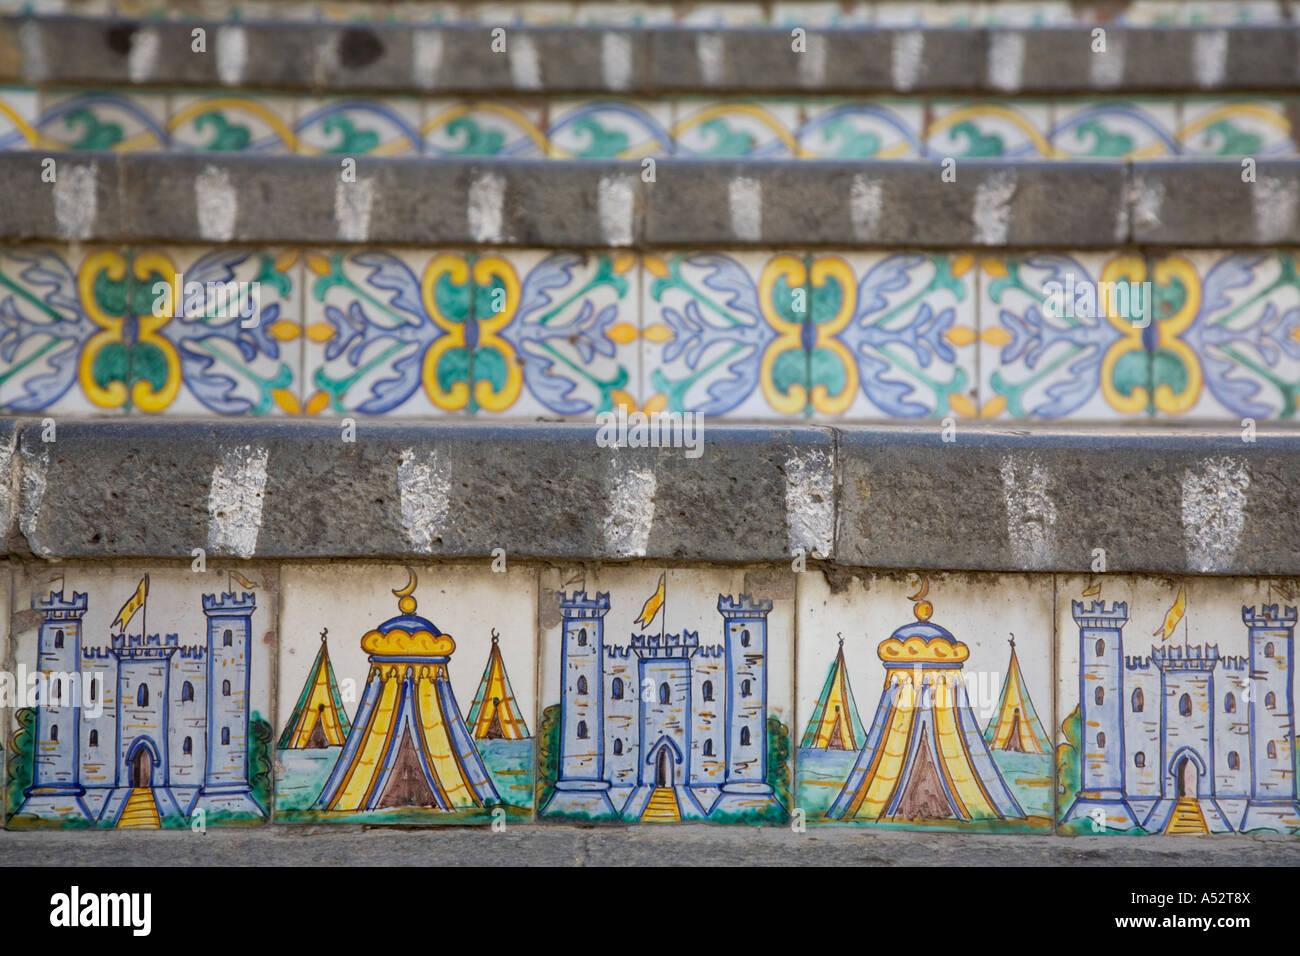 La scala la strada di passi decorata con piastrelle in ceramica di